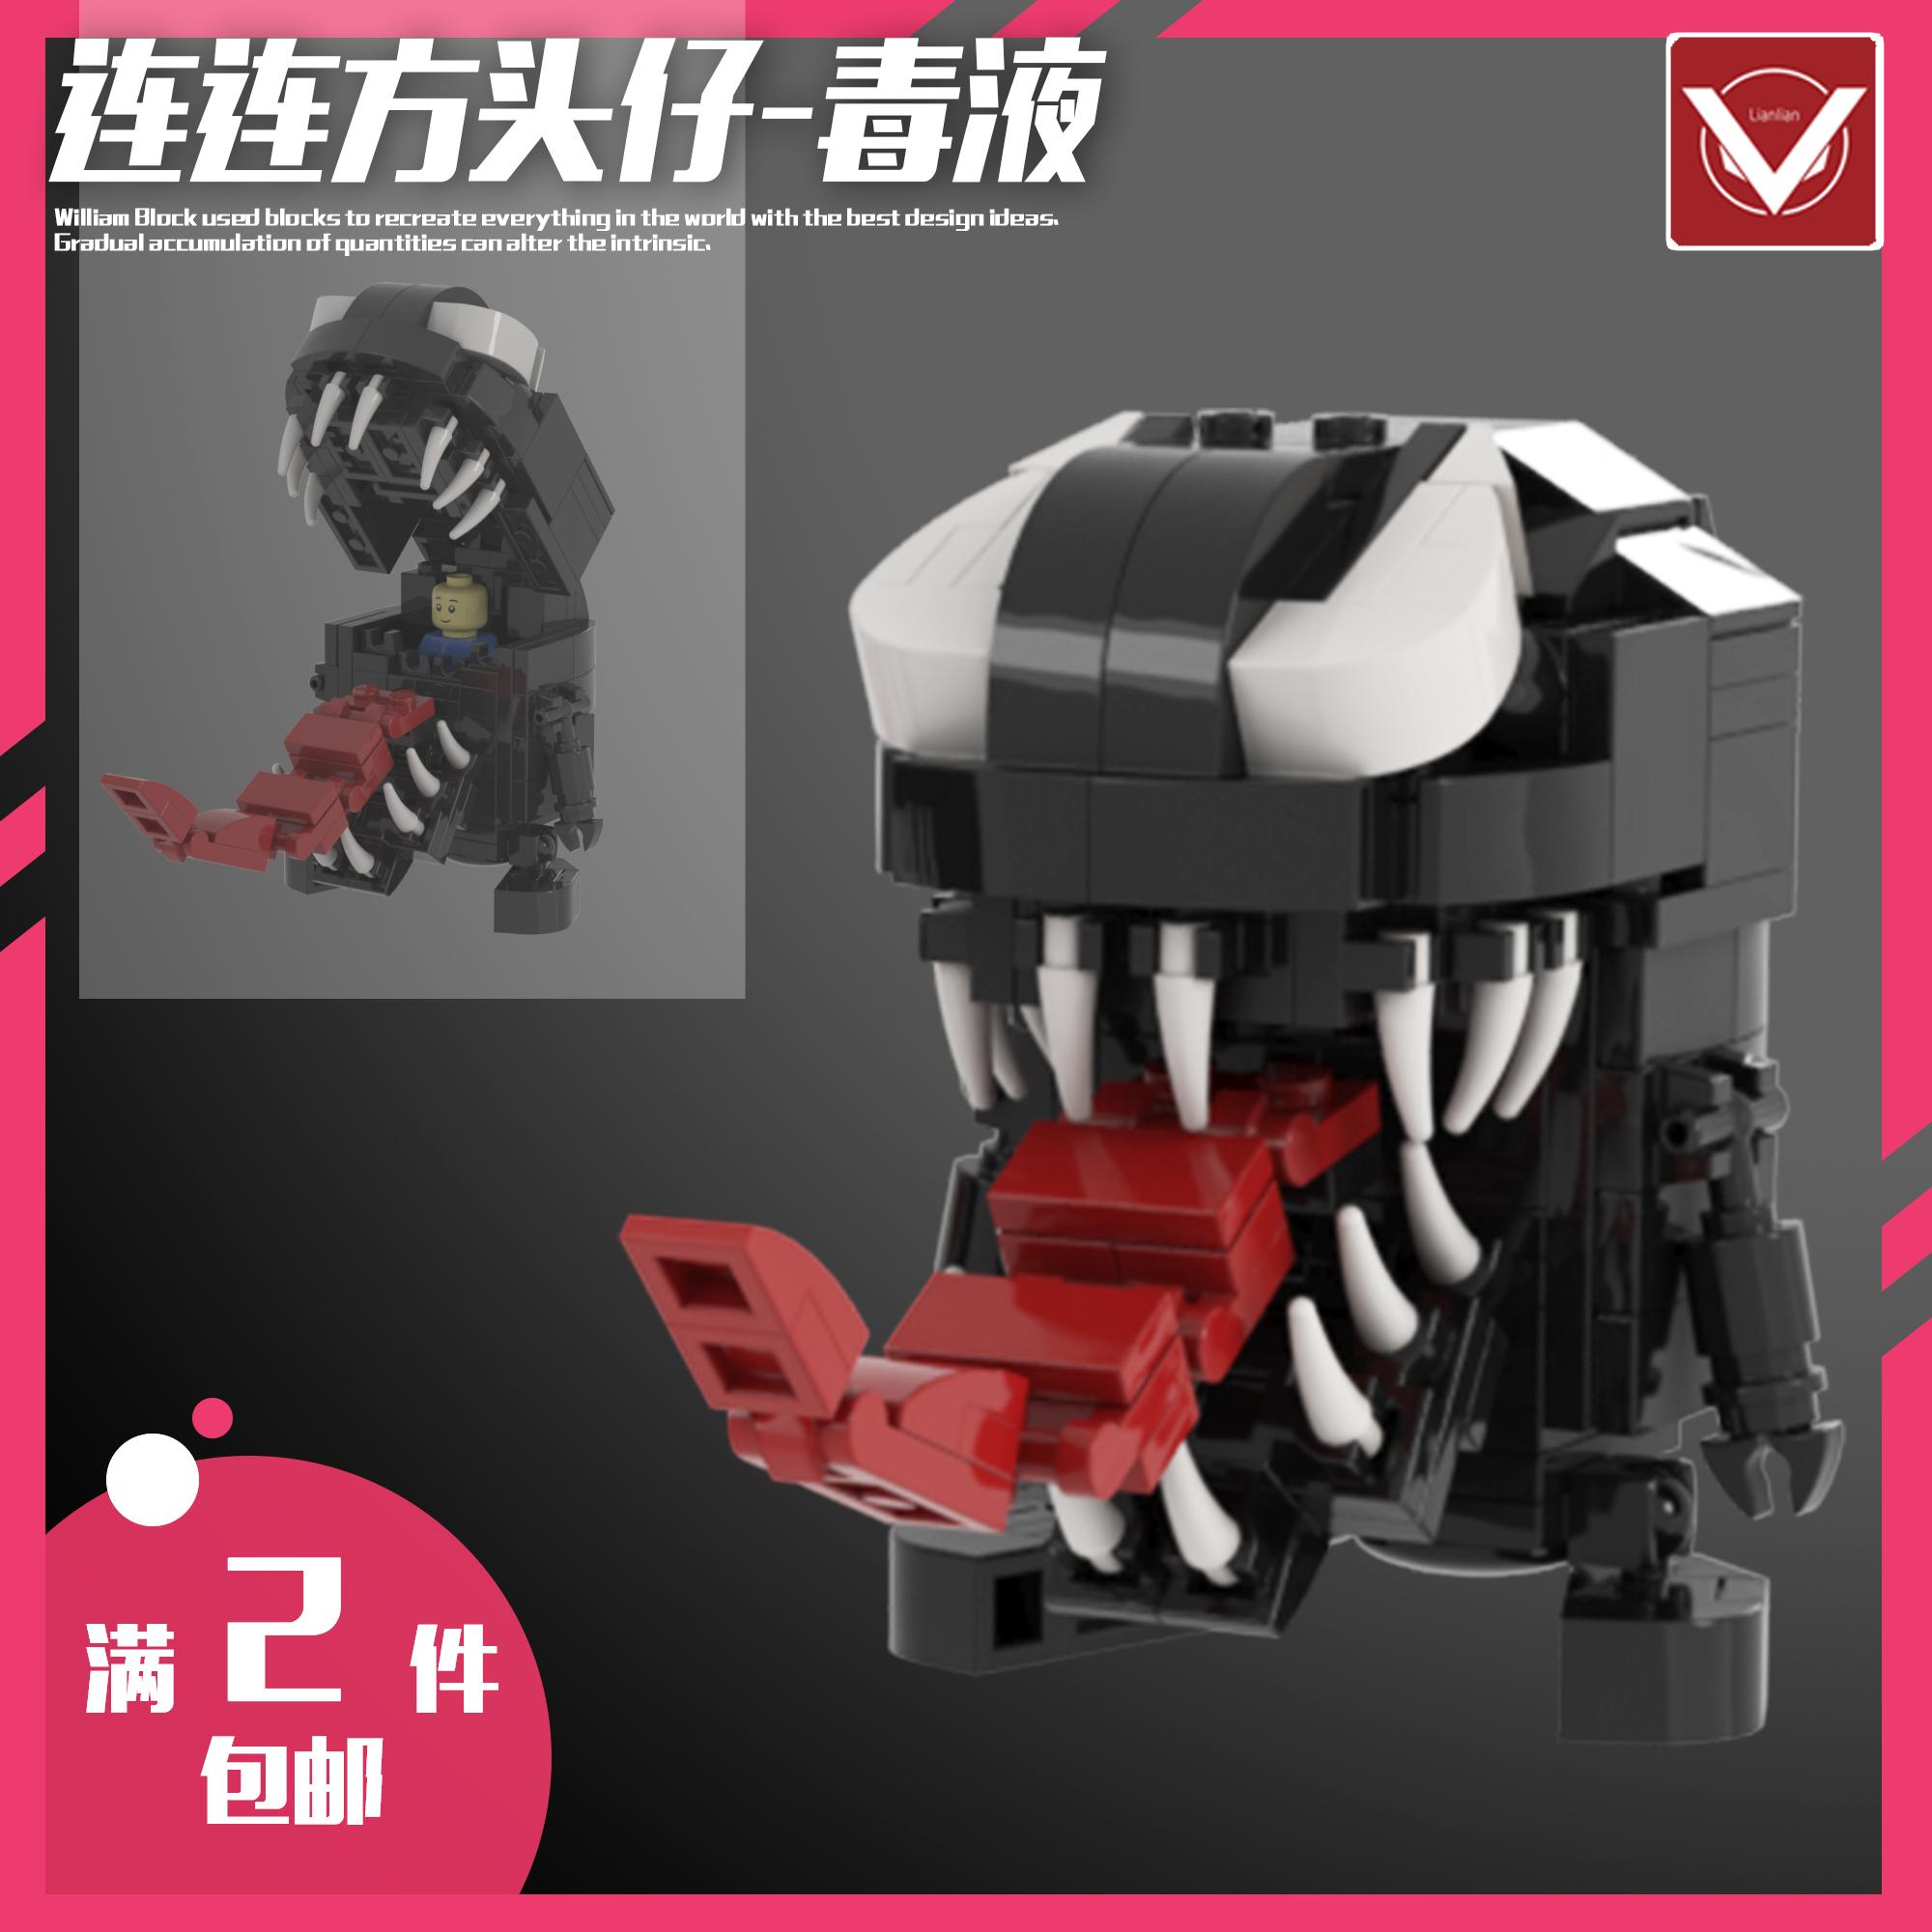 毒液电影致命守护者蜘蛛侠漫小颗粒积木原创益智玩具连连MOC优惠